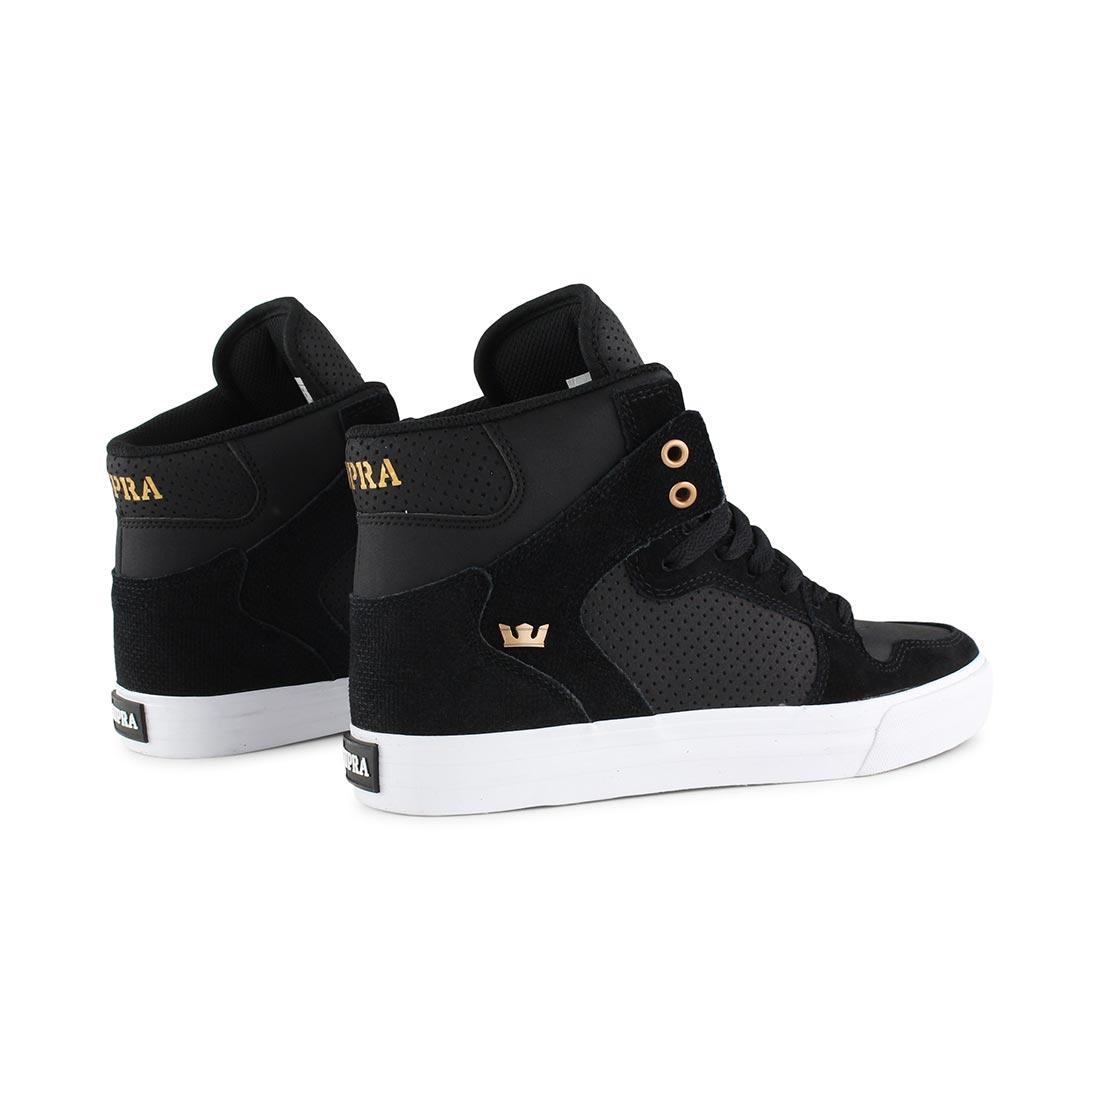 0e85ca112fe6 Supra Vaider High Top Shoes - Black   Copper   White